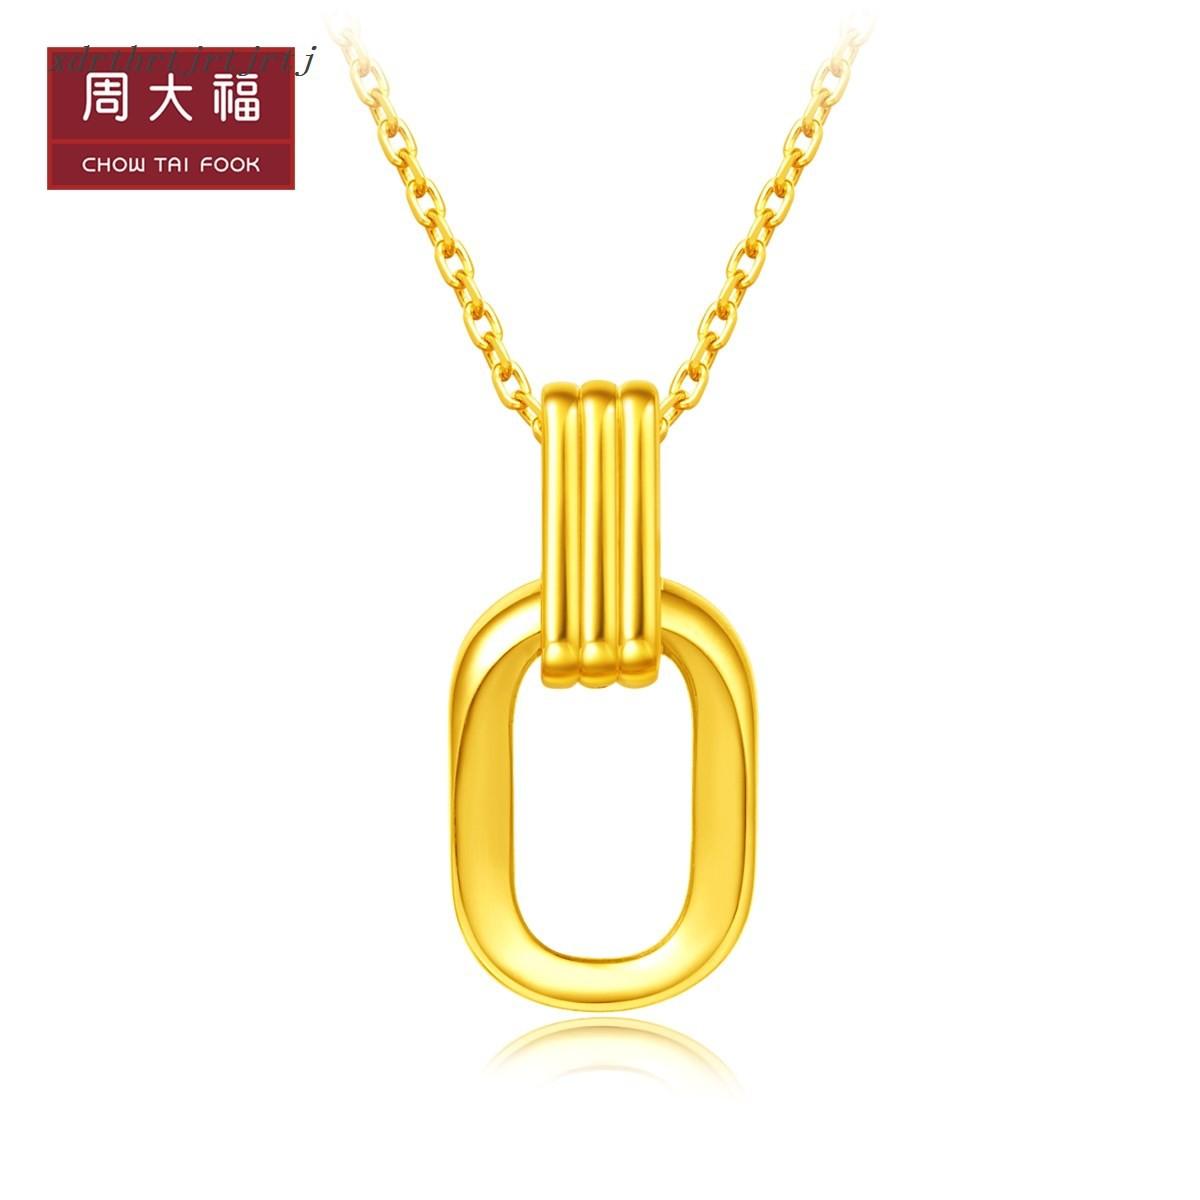 จี้♥ราคาถูก♥ Chow Tai Fook ing ซีรีส์ย้อนยุคสไตล์เรขาคณิตแหวนคู่สร้อยคอทองจี้ราคา F217317 ของขวัญ